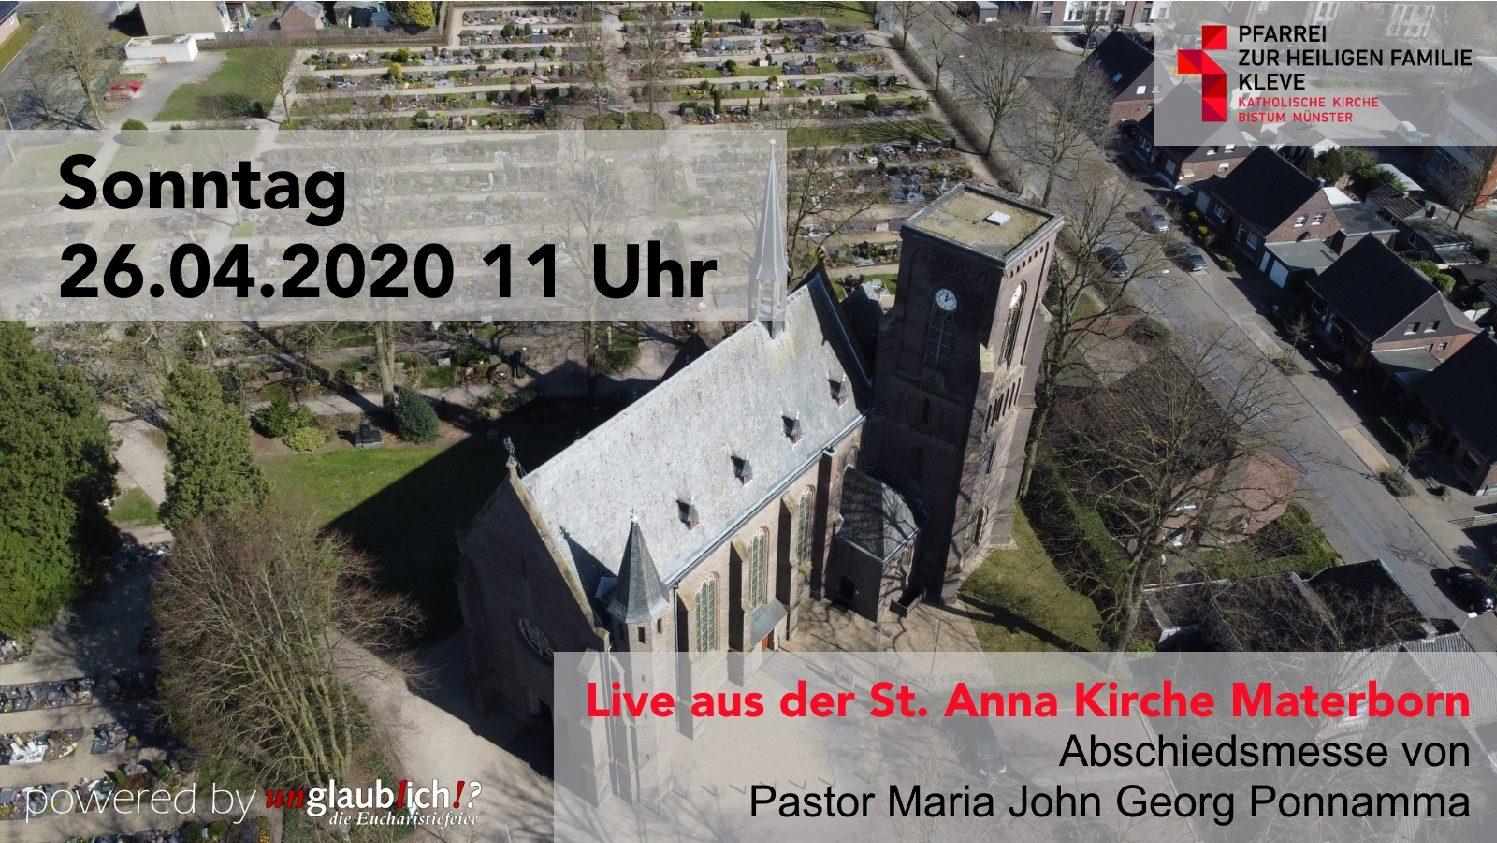 Live aus der St. Anna Kirche Materborn: Abschiedsmesse von Pastor Maria John